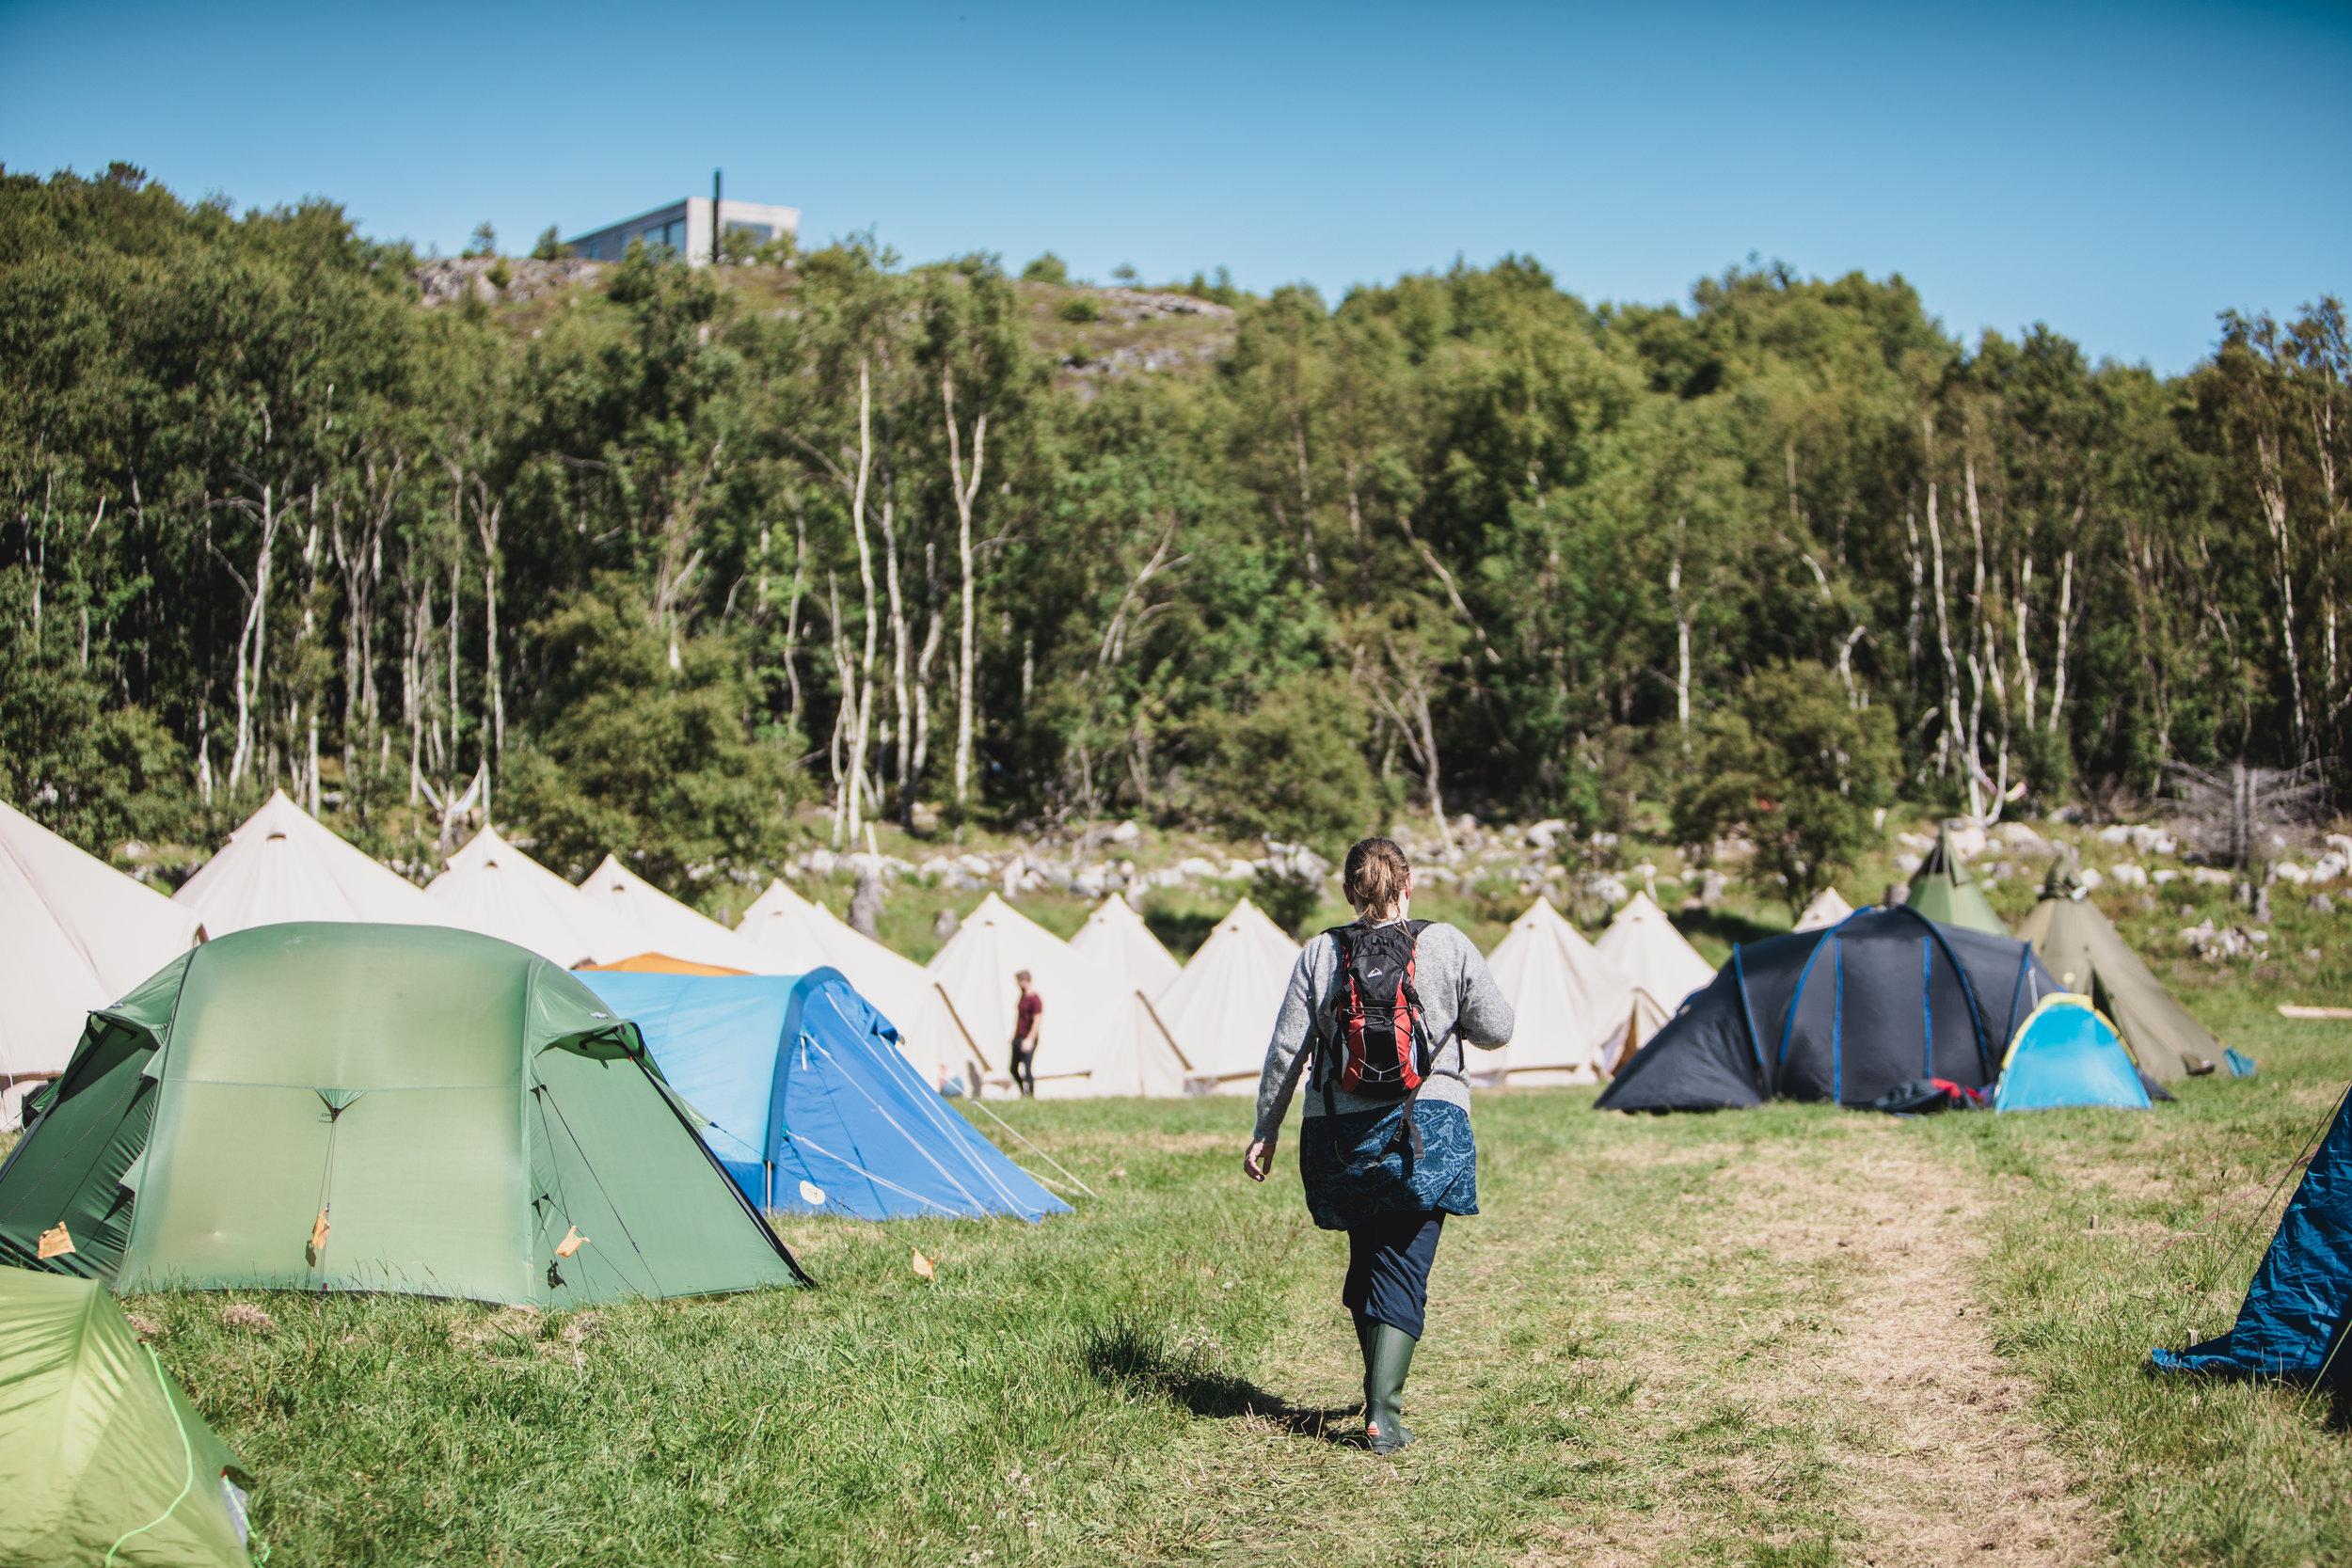 Hovedteltcampen på Stokkøya Sjøsenter - Festivalens største teltcamp ligger plassert rett over Stokkøya Sjøsenter, med fantastisk utsikt over Hosnasand og havet. Her er det plass til alle typer telt og god plass hvis man er en gruppe som ønsker å campe sammen med flere telt. Kjøretøy inkl campingvogn, bobil og combicamp er dessverre ikke mulig å ha på teltcampen.Nytt av 2019 åpner vi festivalcampen allerede torsdag ettermiddag!Fasiliteter:- Teltplass torsdag-søndag for 2 (Fjelltelt) eller 4 personer (Lavo, Hustelt)- Gratis morgenkaffe og kanelsnurr fra Stokkøy Bakeri- Vannklosetter og dusjvogner- Drikkevann (fra springen) lett tilgjengelig- Campkiosk med salg av frokost, kaffe, kalde drikker og snacks- Mulighet for å lade mobiltelefon på campkiosk- Varme griller ved campkiosk- Vakter som passer på at alle har det bra og får sove på nattenLes mer om camp-regler og tips her.Vi selger teltplasser i to ulike størrelser!Priser:- Inntil 2 personer (12 kvm) torsdag - søndag: 800 kr- Inntil 4 personer (20 kvm) torsdag - søndag: 1200 krAvstander:250 m til Strandbaren - 250 m til stranda - 1000 m til festivalområdeBESTILL HER